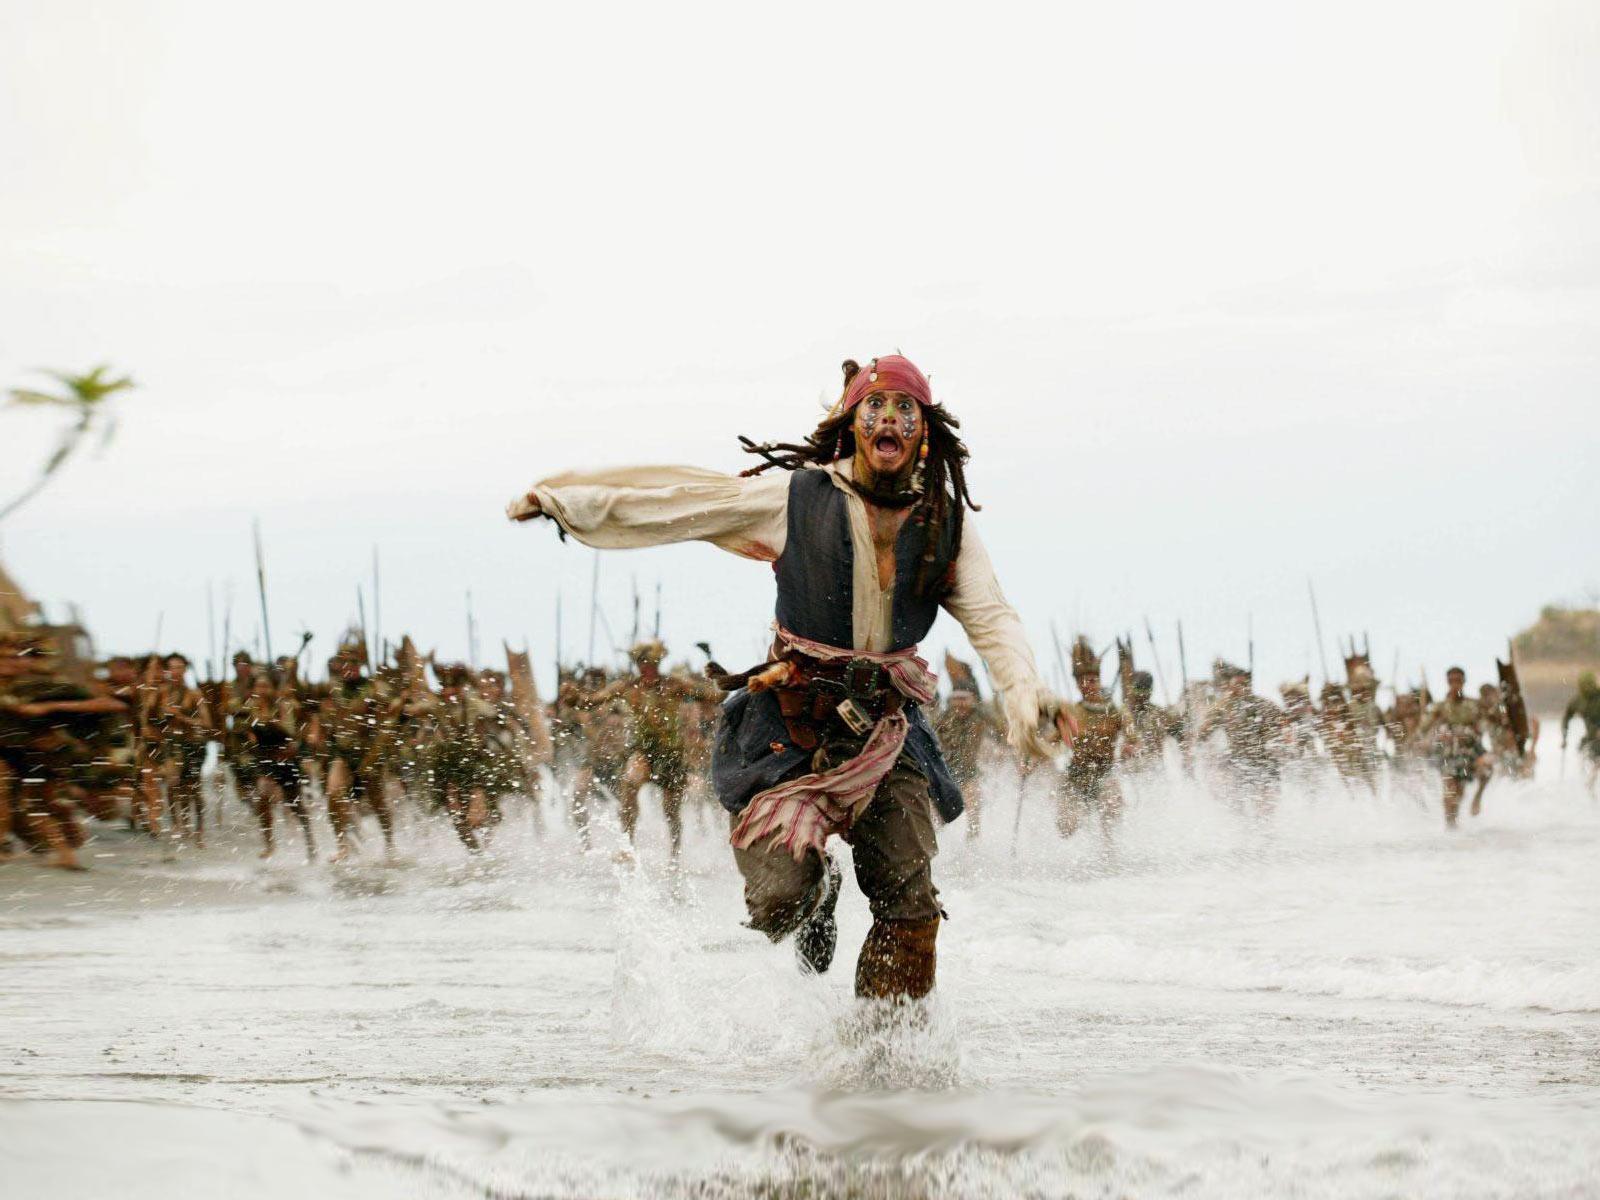 http://2.bp.blogspot.com/--2HRXKA7UIE/TasijT-OkII/AAAAAAAAAsU/KDVvyx-V1L4/s1600/Johnny+Depp+Jack+Sparrow+1.jpg